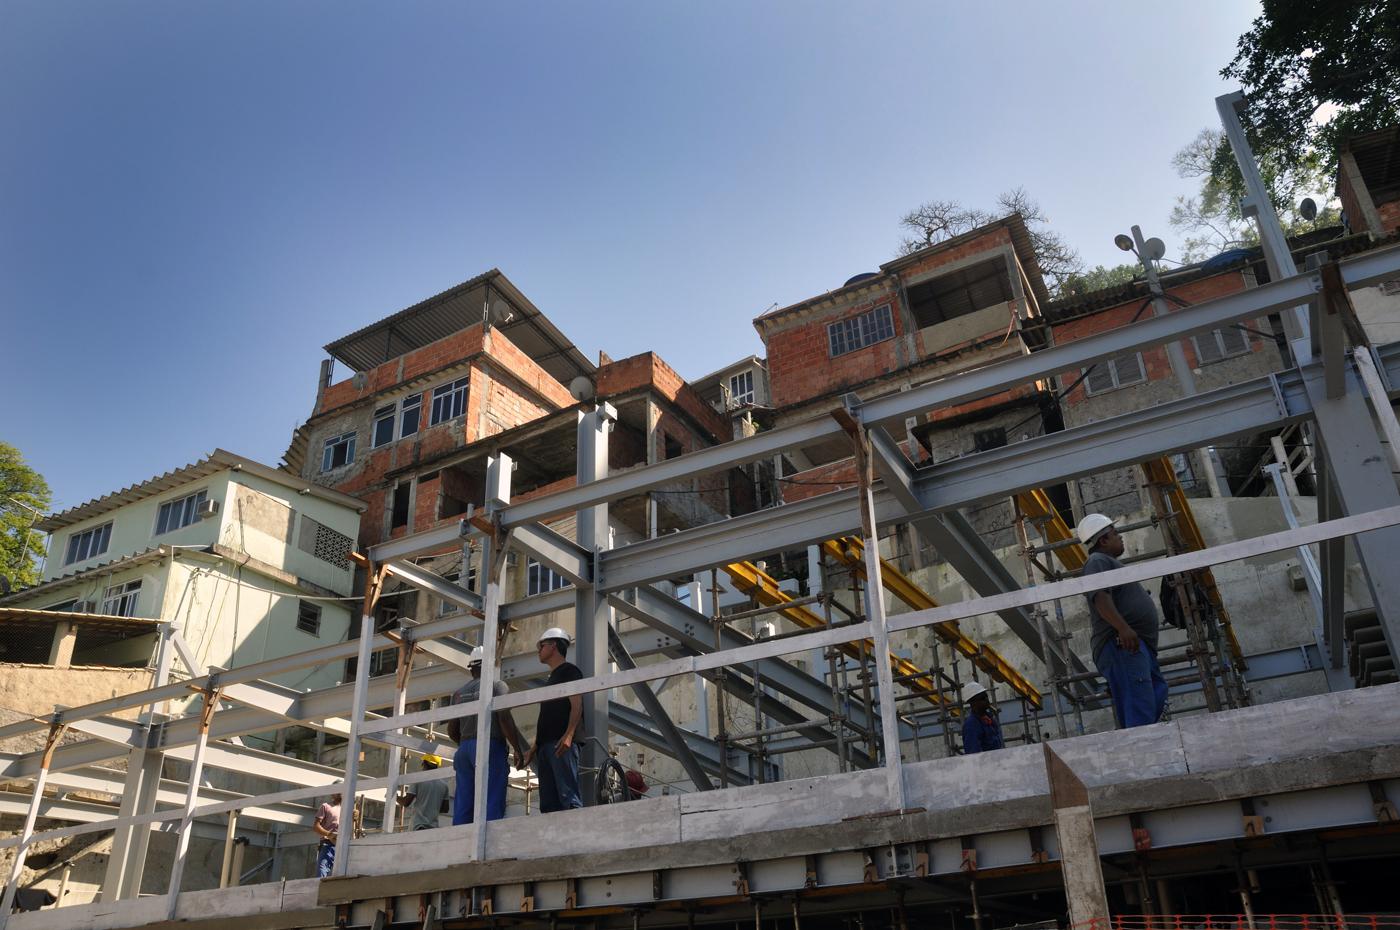 Die Stadt Rio de Janeiro baut in der Favela Babilonia mittlerweile sozialen Wohnungsbau. Hier ensteht eine neue kleine Wohnanlage. (Bild: Andreas Lerg)